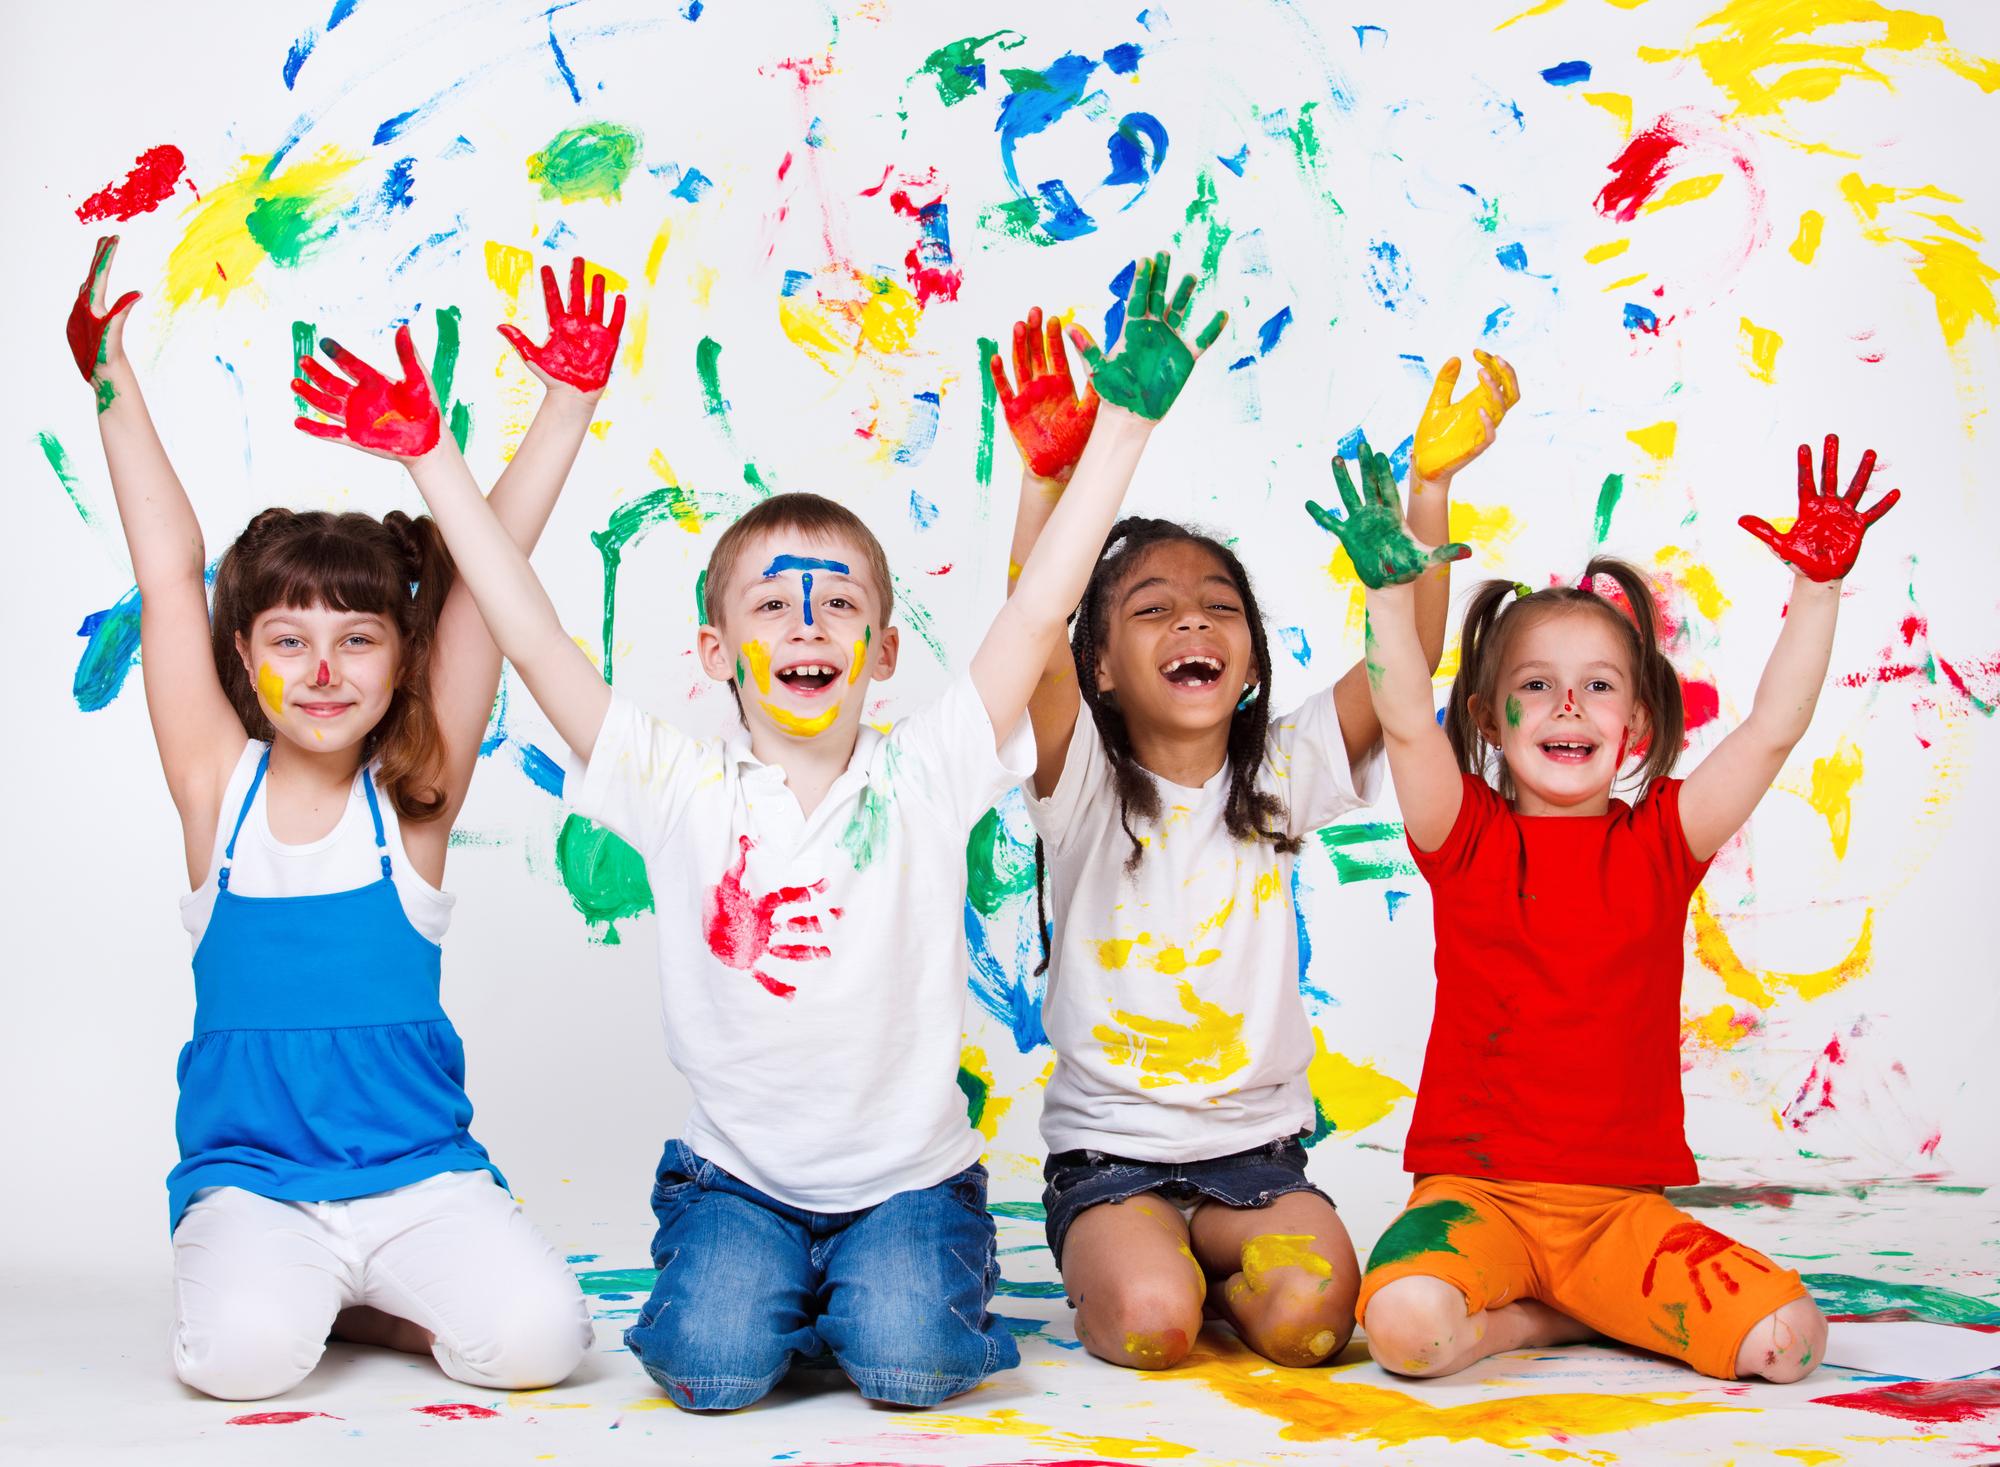 La importancia de la relajación en los niños | Blog – Instituto Serca